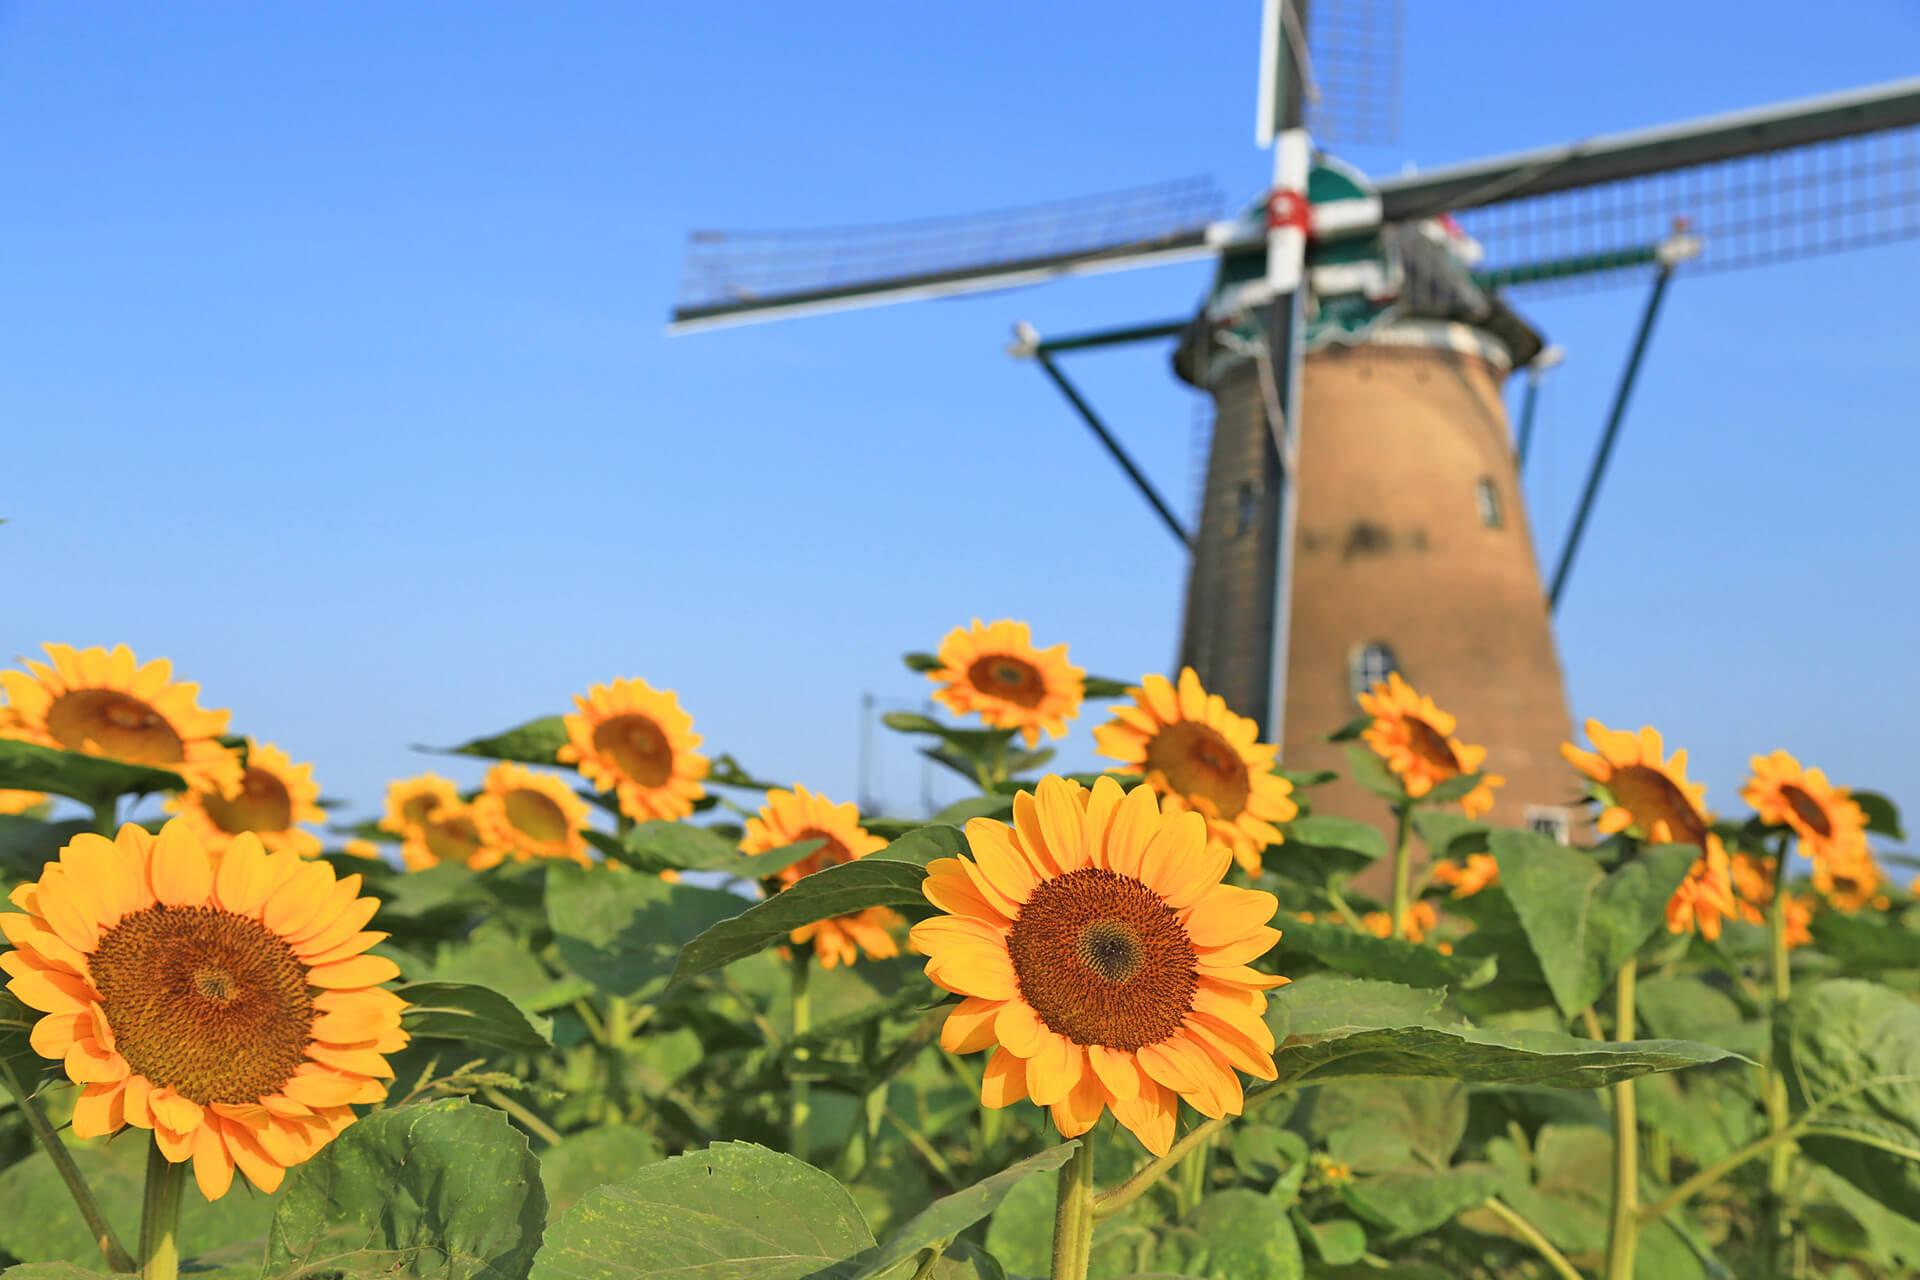 この写真は風車のひまわりガーデンのメインビジュアル。風車と満開のひまわりが。